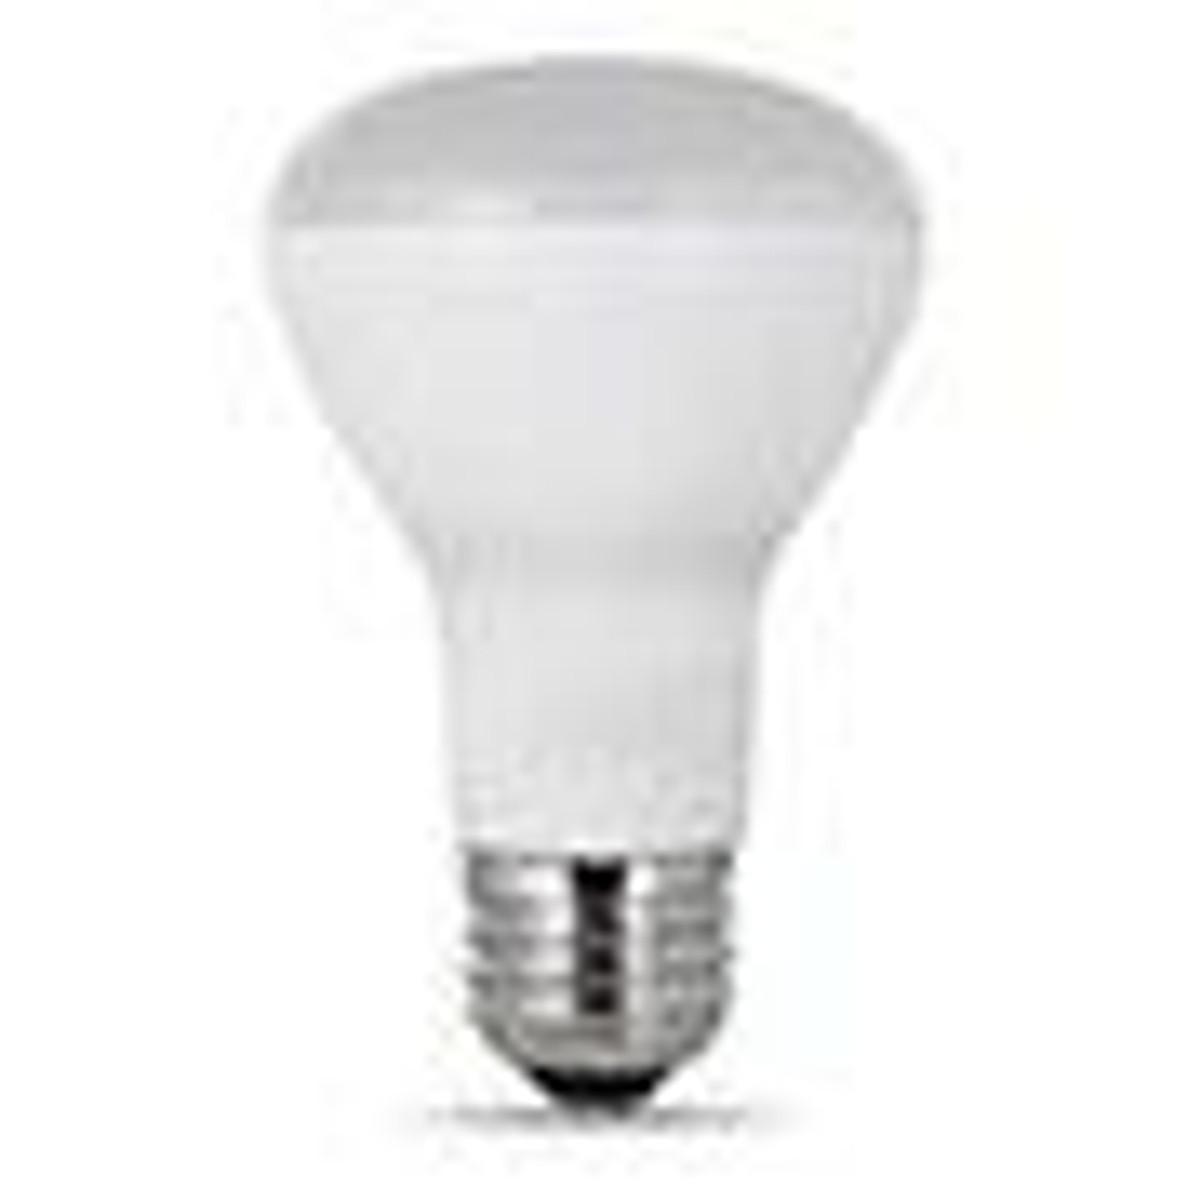 BR 20 Bulbs